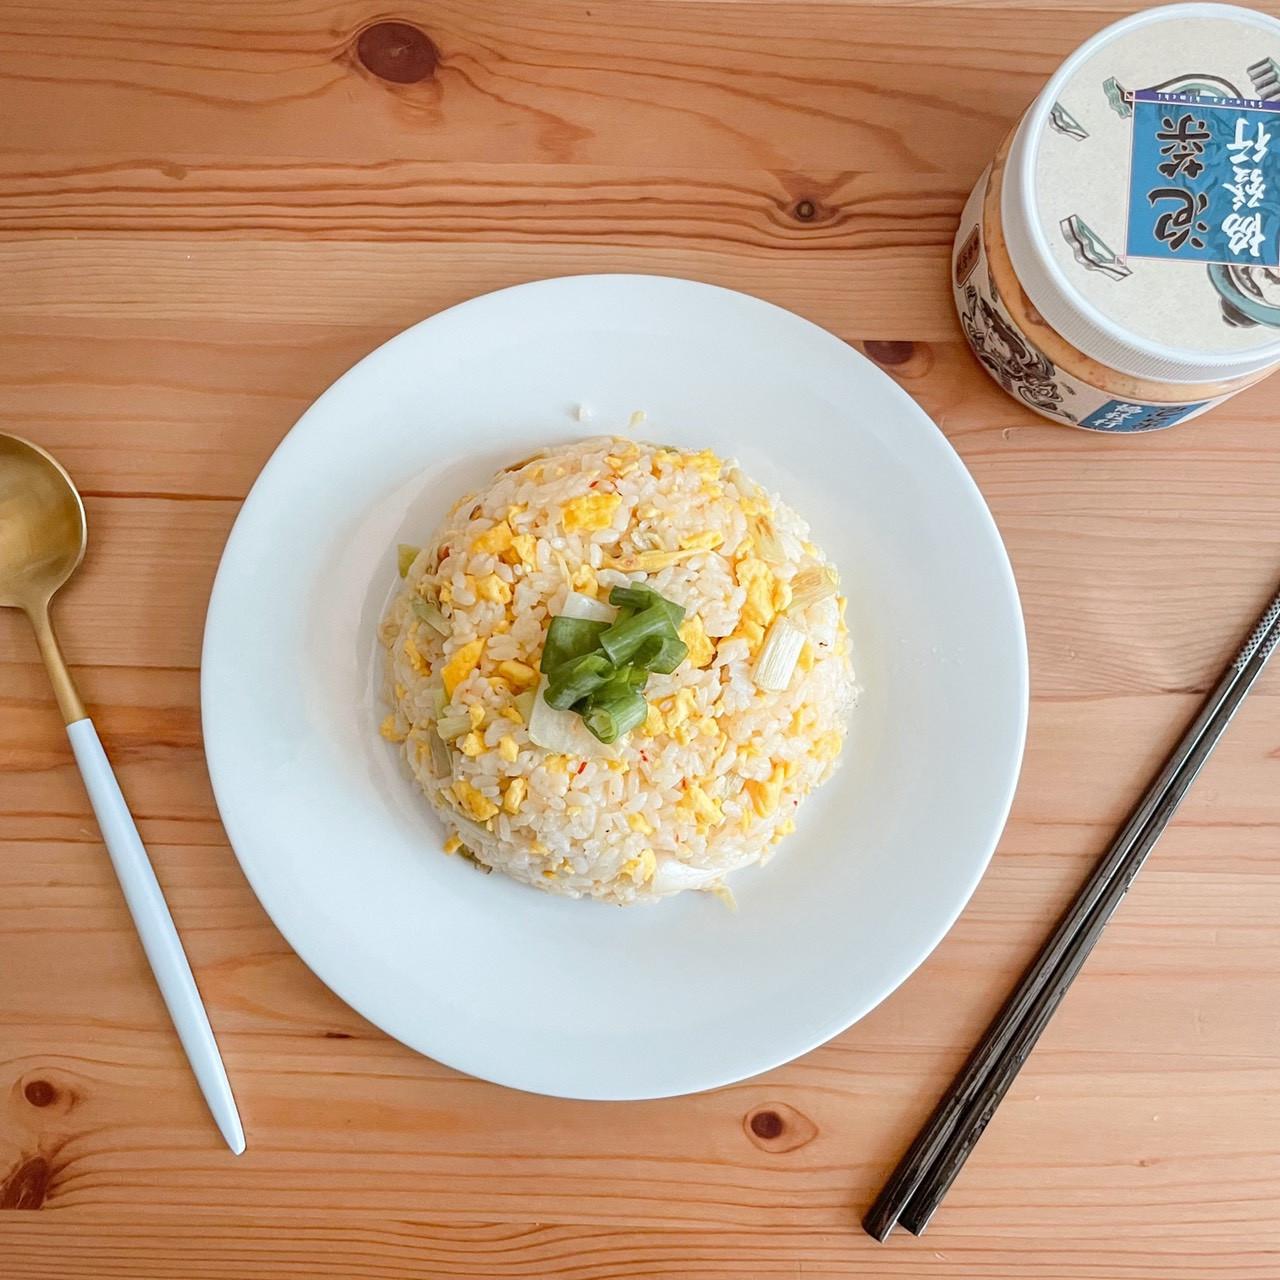 🍚黃金泡菜蛋炒飯